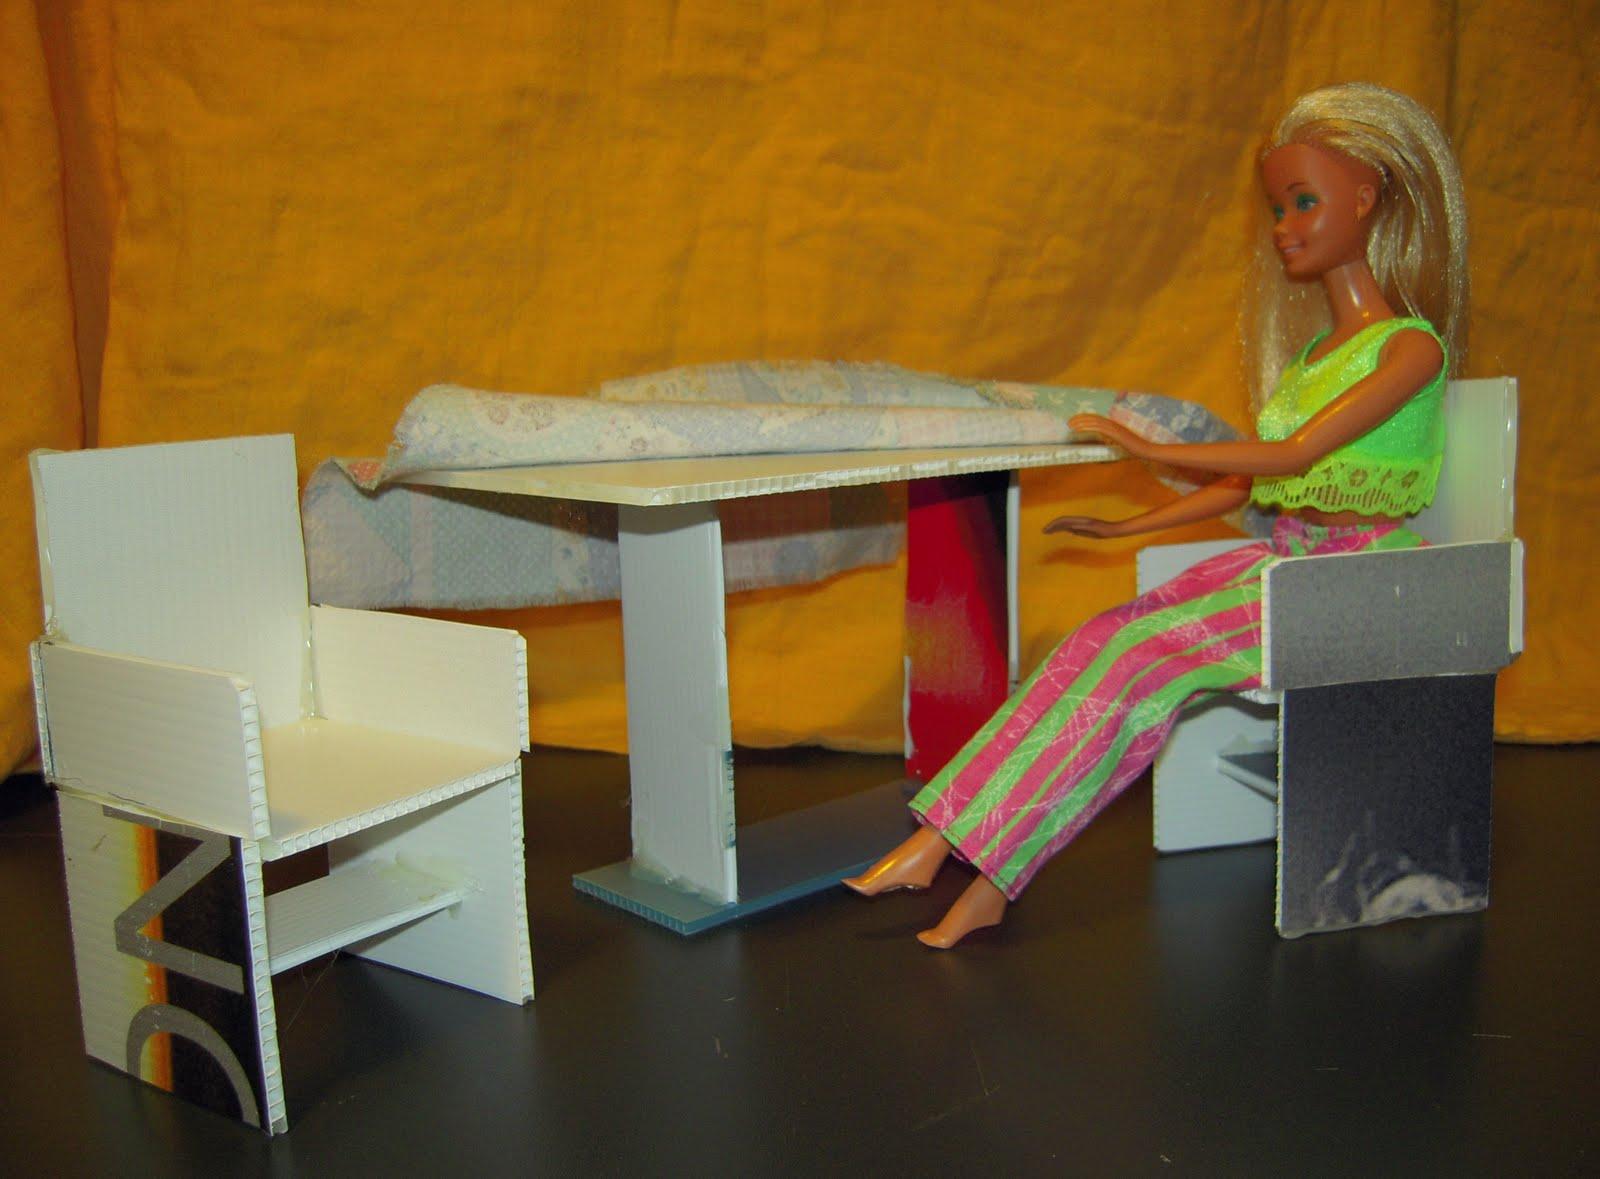 Mobili Per La Casa Di Barbie : Lotto barbie mobili vintage per casa di barbie poltrone sedie